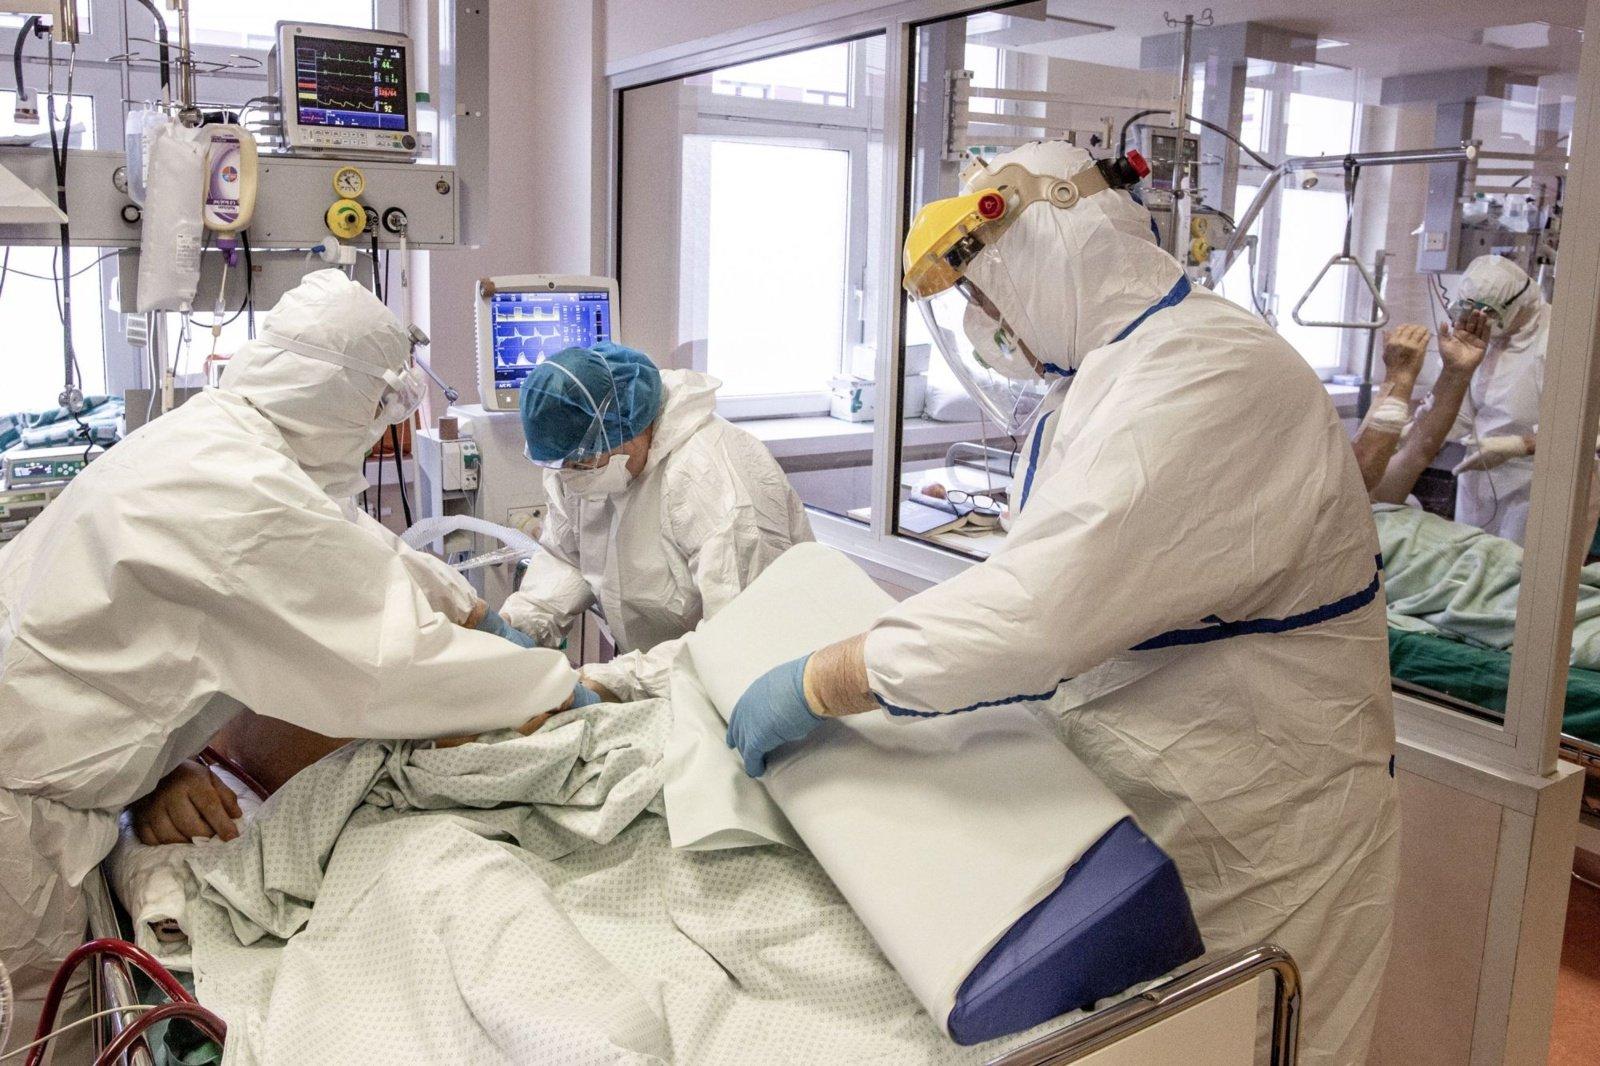 Savaitės pabaigoje ligoninėse turėtų būti gydoma apie 2 tūkst. COVID-19 pacientų